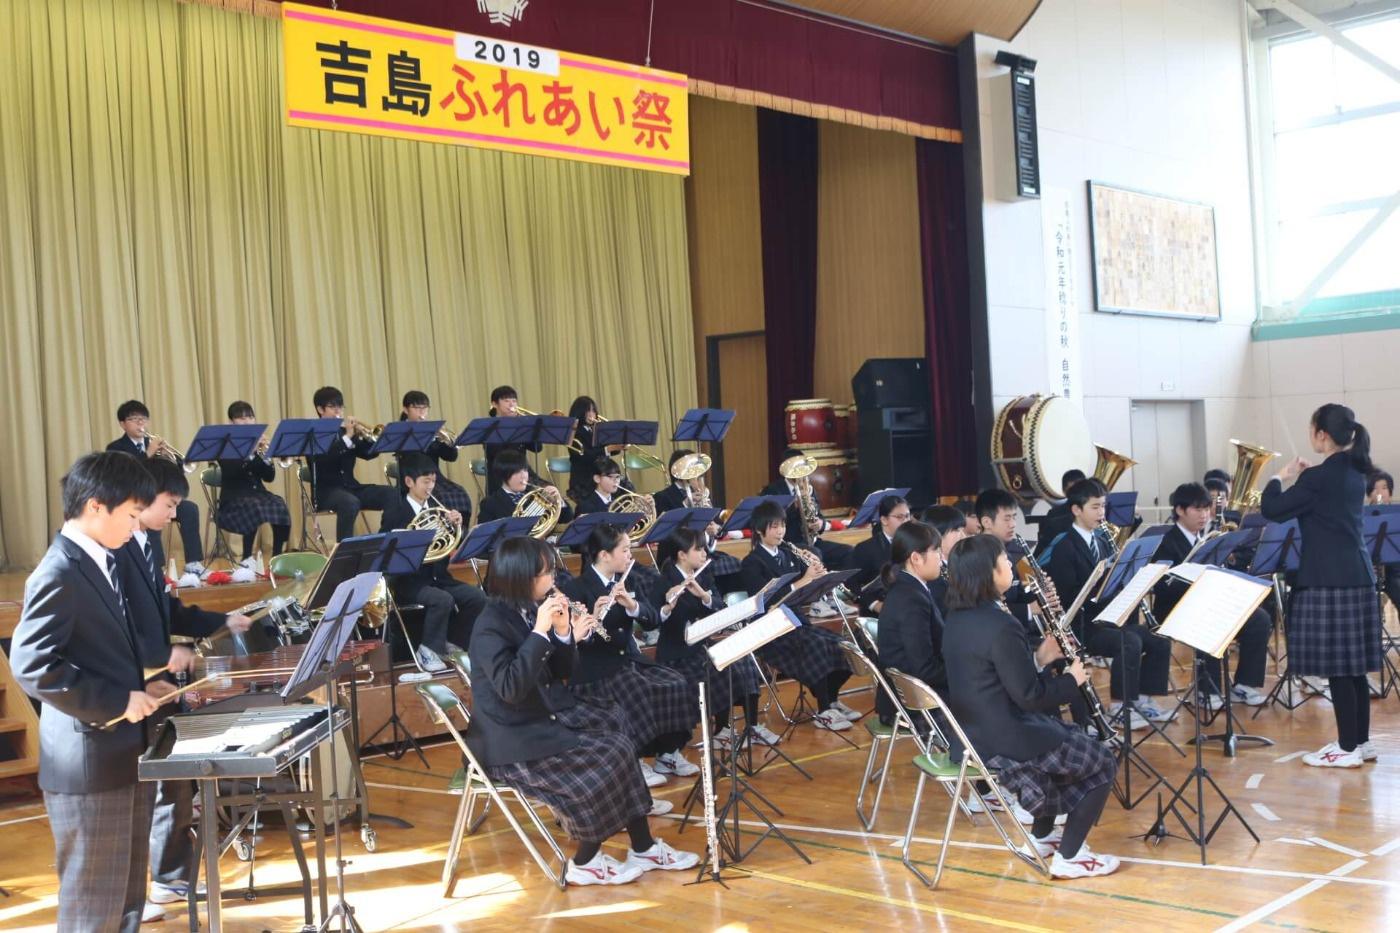 吉島ふれあい祭2019:地元の子どもたちによる吹奏楽の演奏